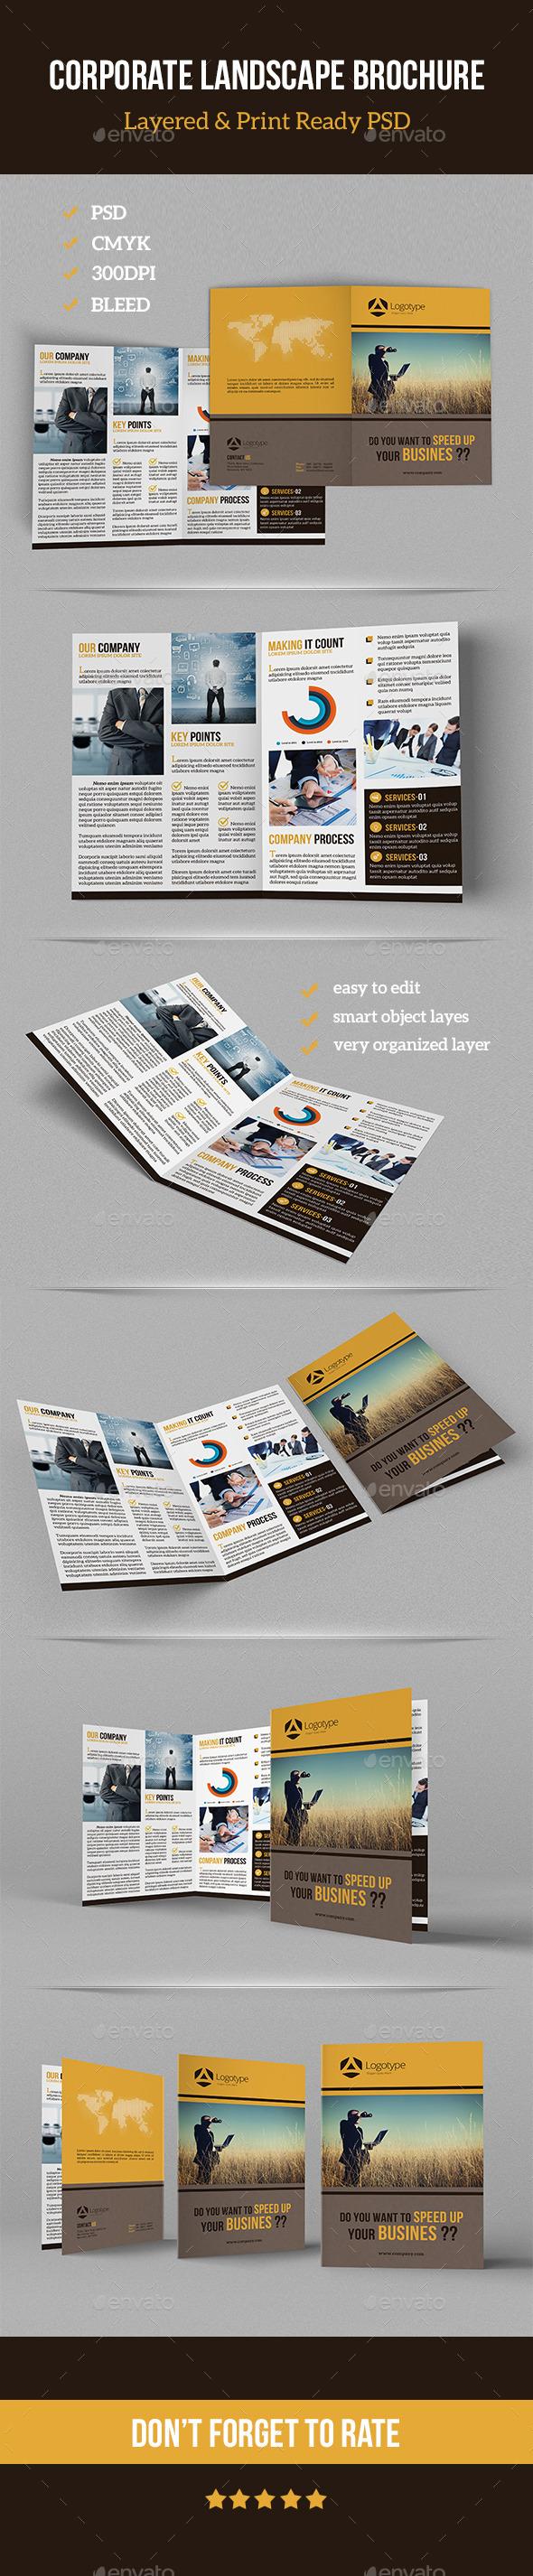 GraphicRiver Corporate Landscape Brochure 11179048